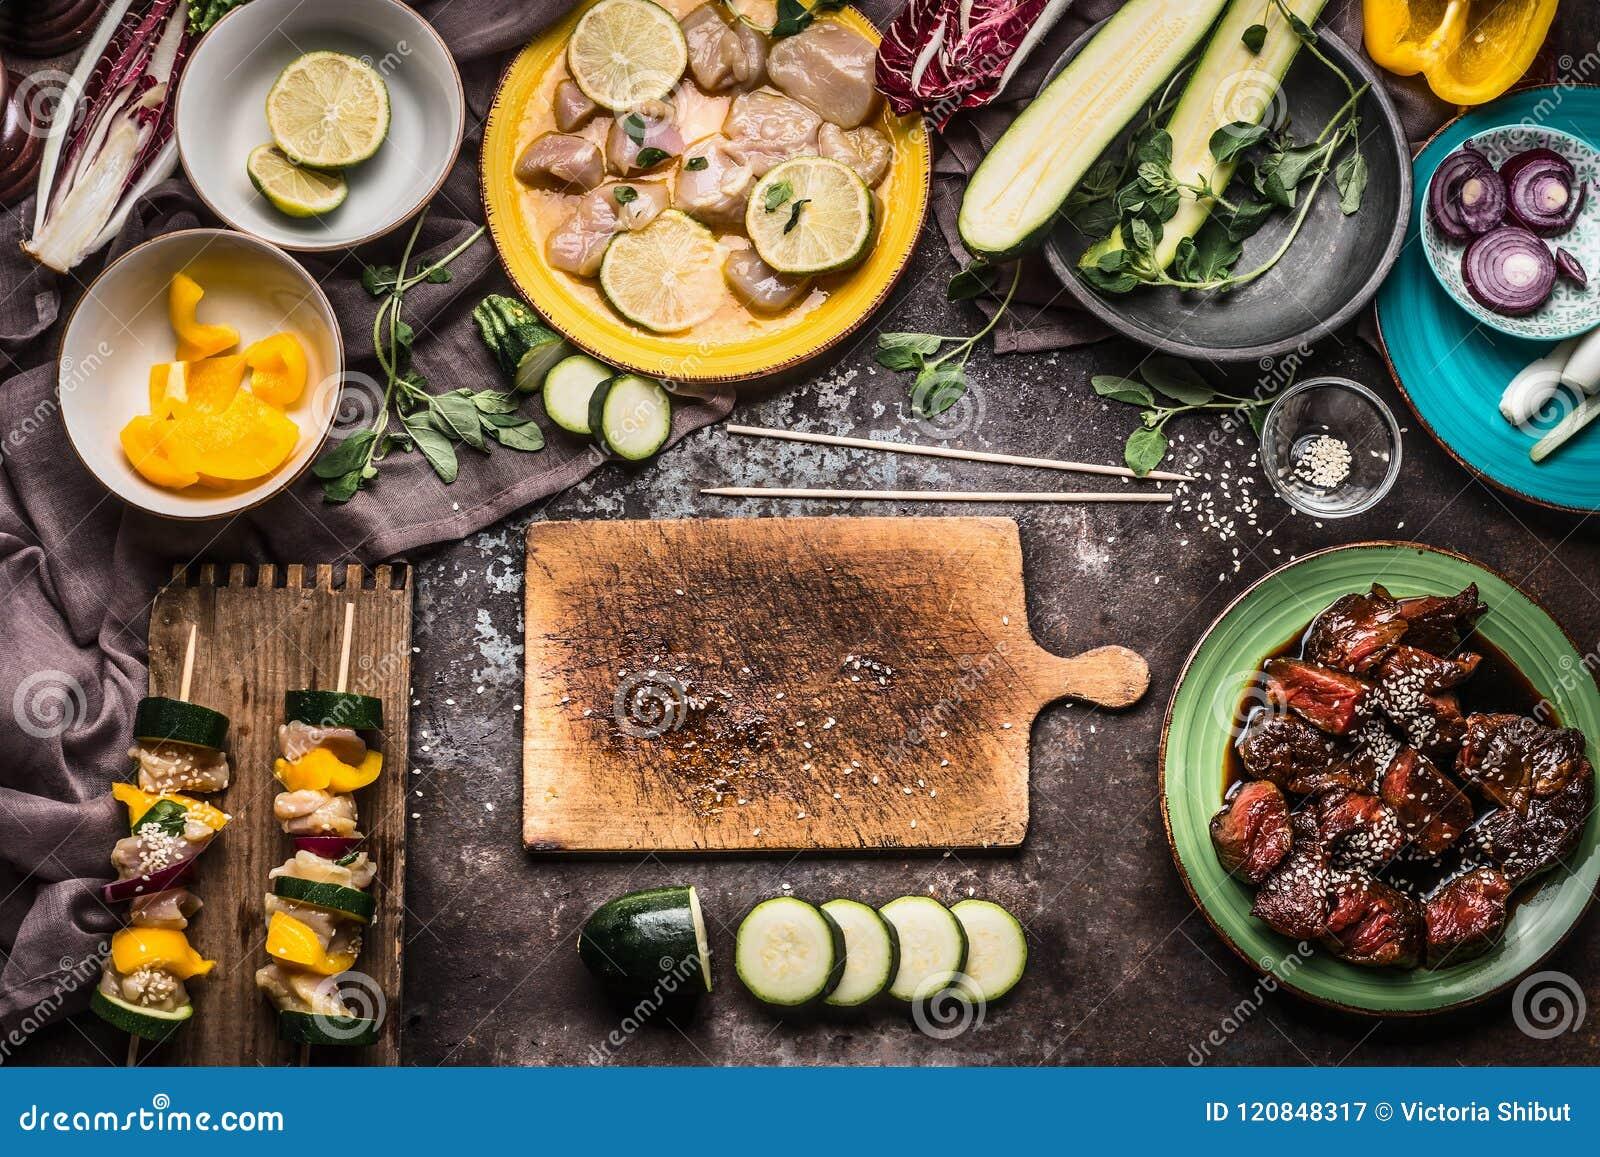 Προετοιμασία των διάφορων σπιτικών οβελιδίων λαχανικών κρέατος για τη σχάρα ή bbq στο αγροτικό υπόβαθρο με τα συστατικά